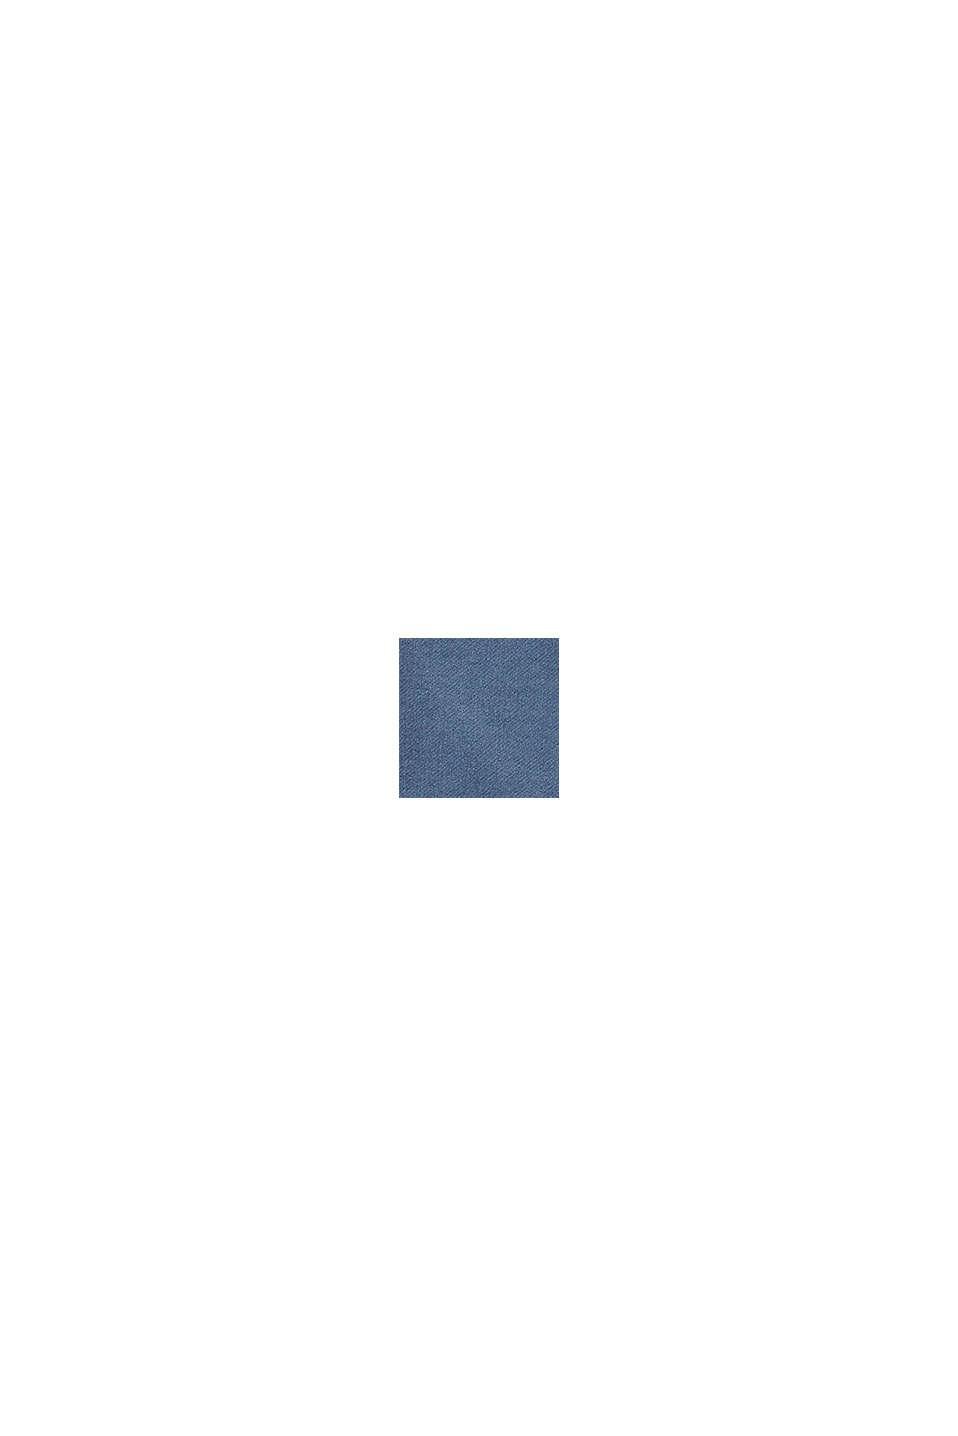 Robe en jean en matière jogging toute douce, BLUE BLEACHED, swatch